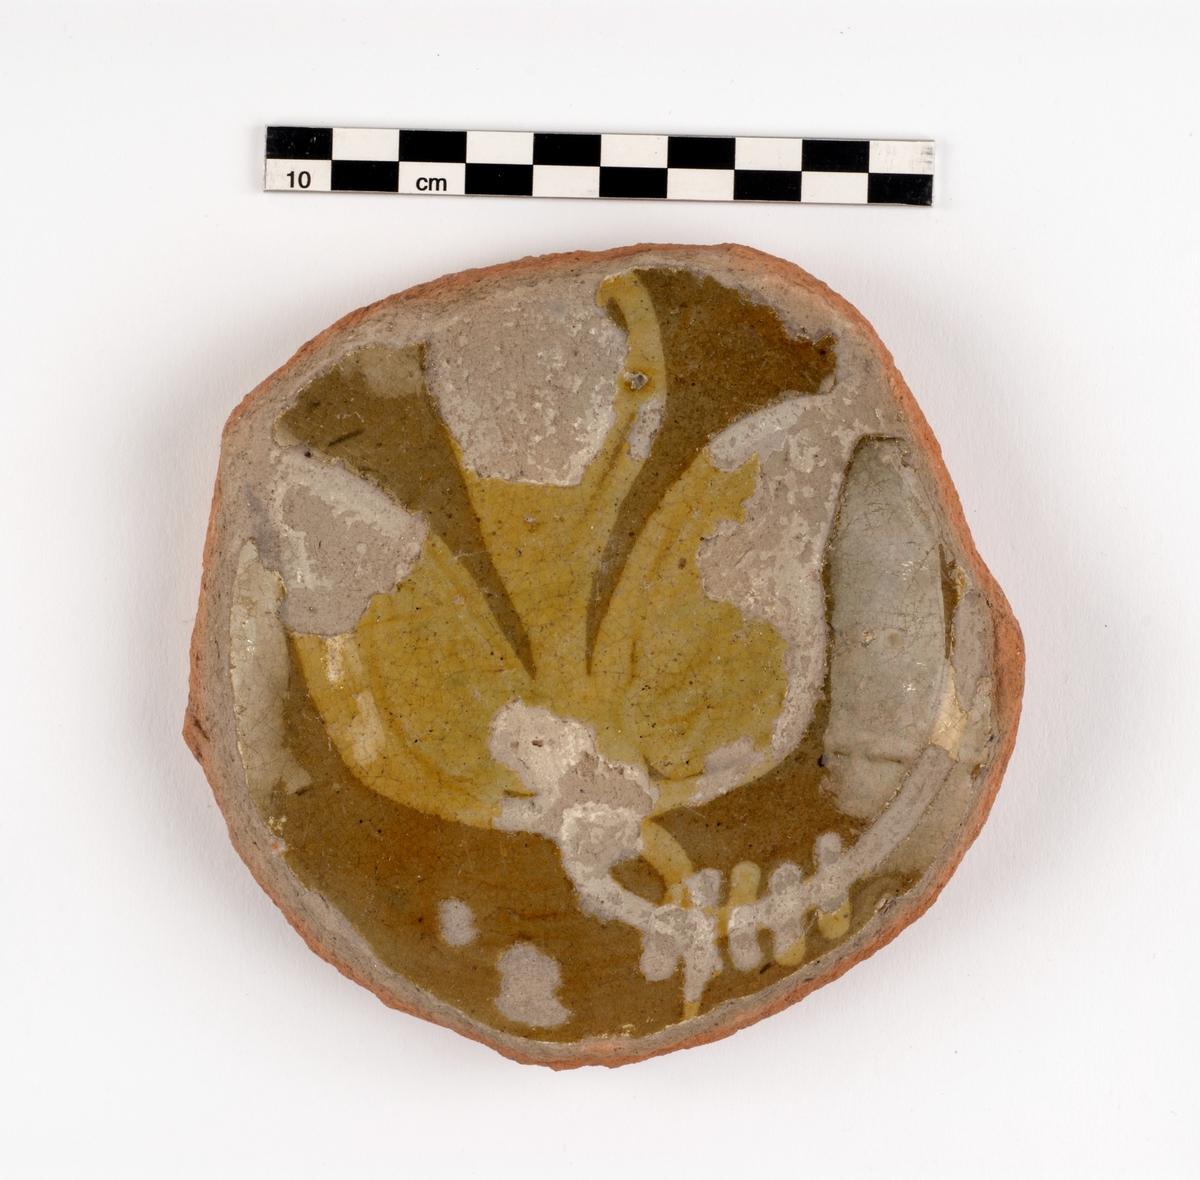 Del av kärl. Keramik: Yngre rödgods. Botten från fat. Hornmålat i grönt med växtdekor.